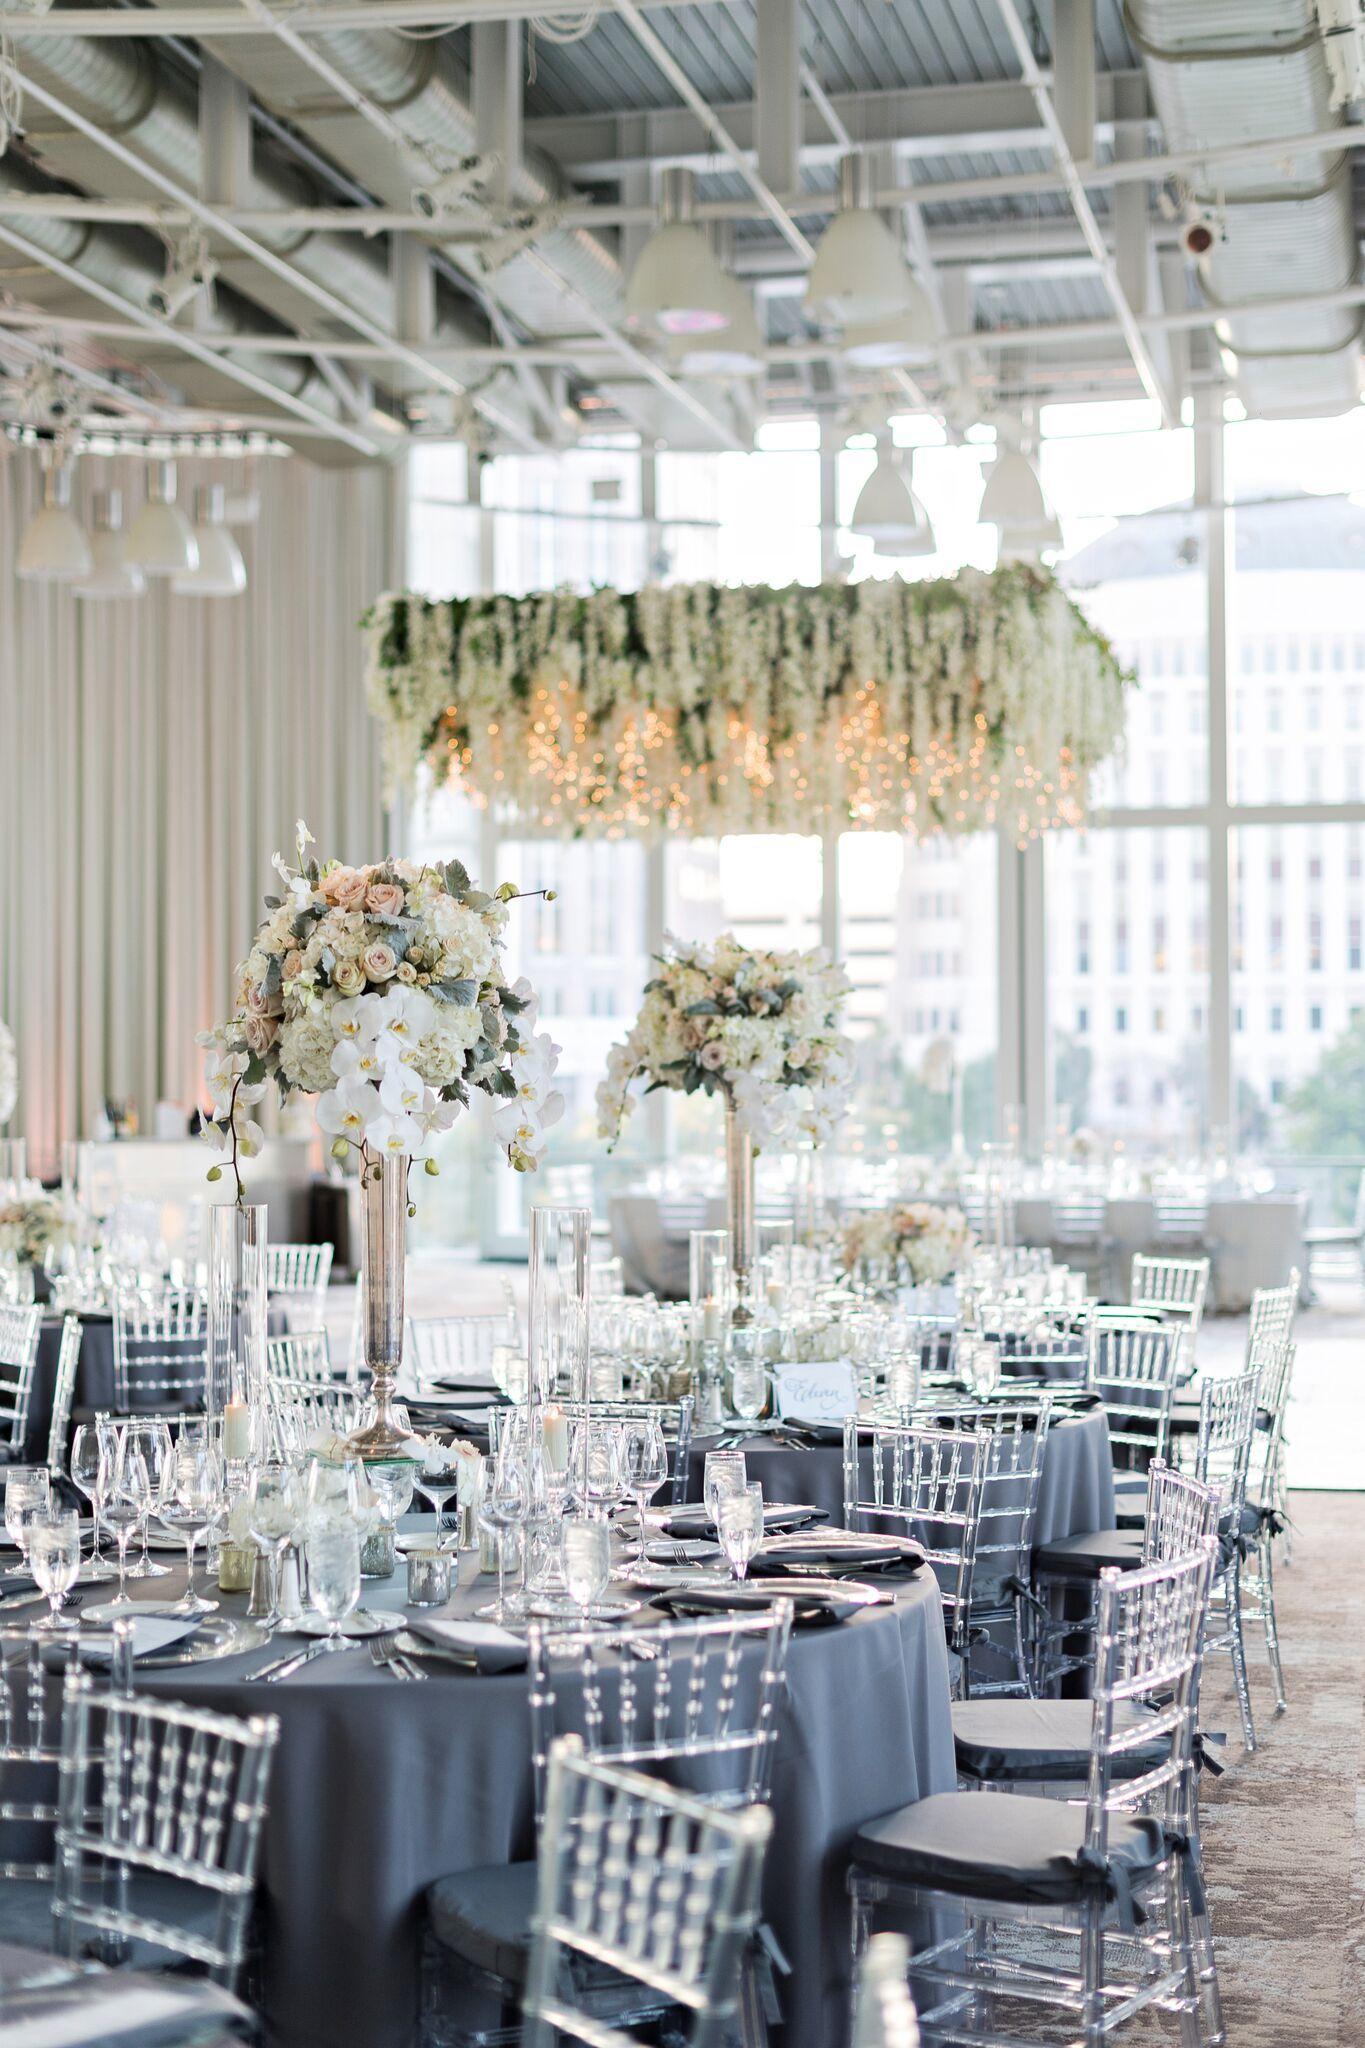 Crystal Chiavari Chair Rent Rent Chair Dubai Wedding Chair Rent Chair Chiavari Chairs Single Chair